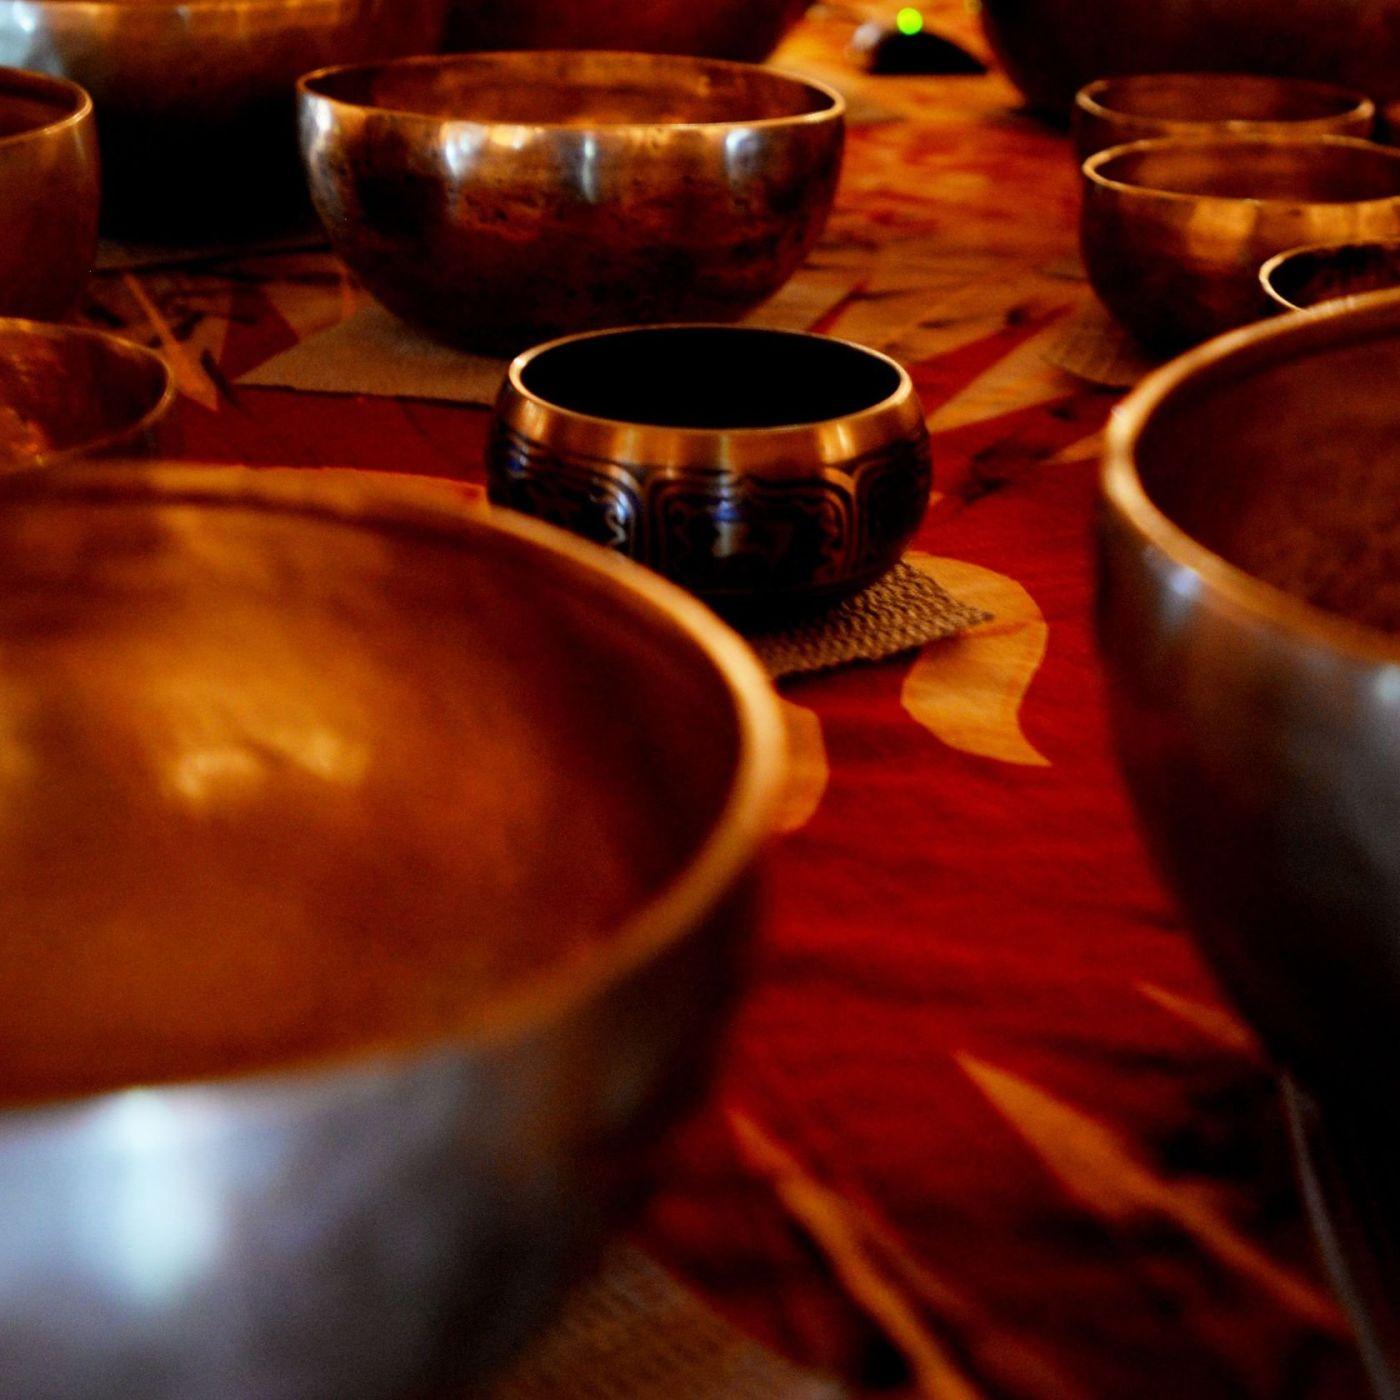 Focus Tibetan Singing Bowl and Ear Brushing